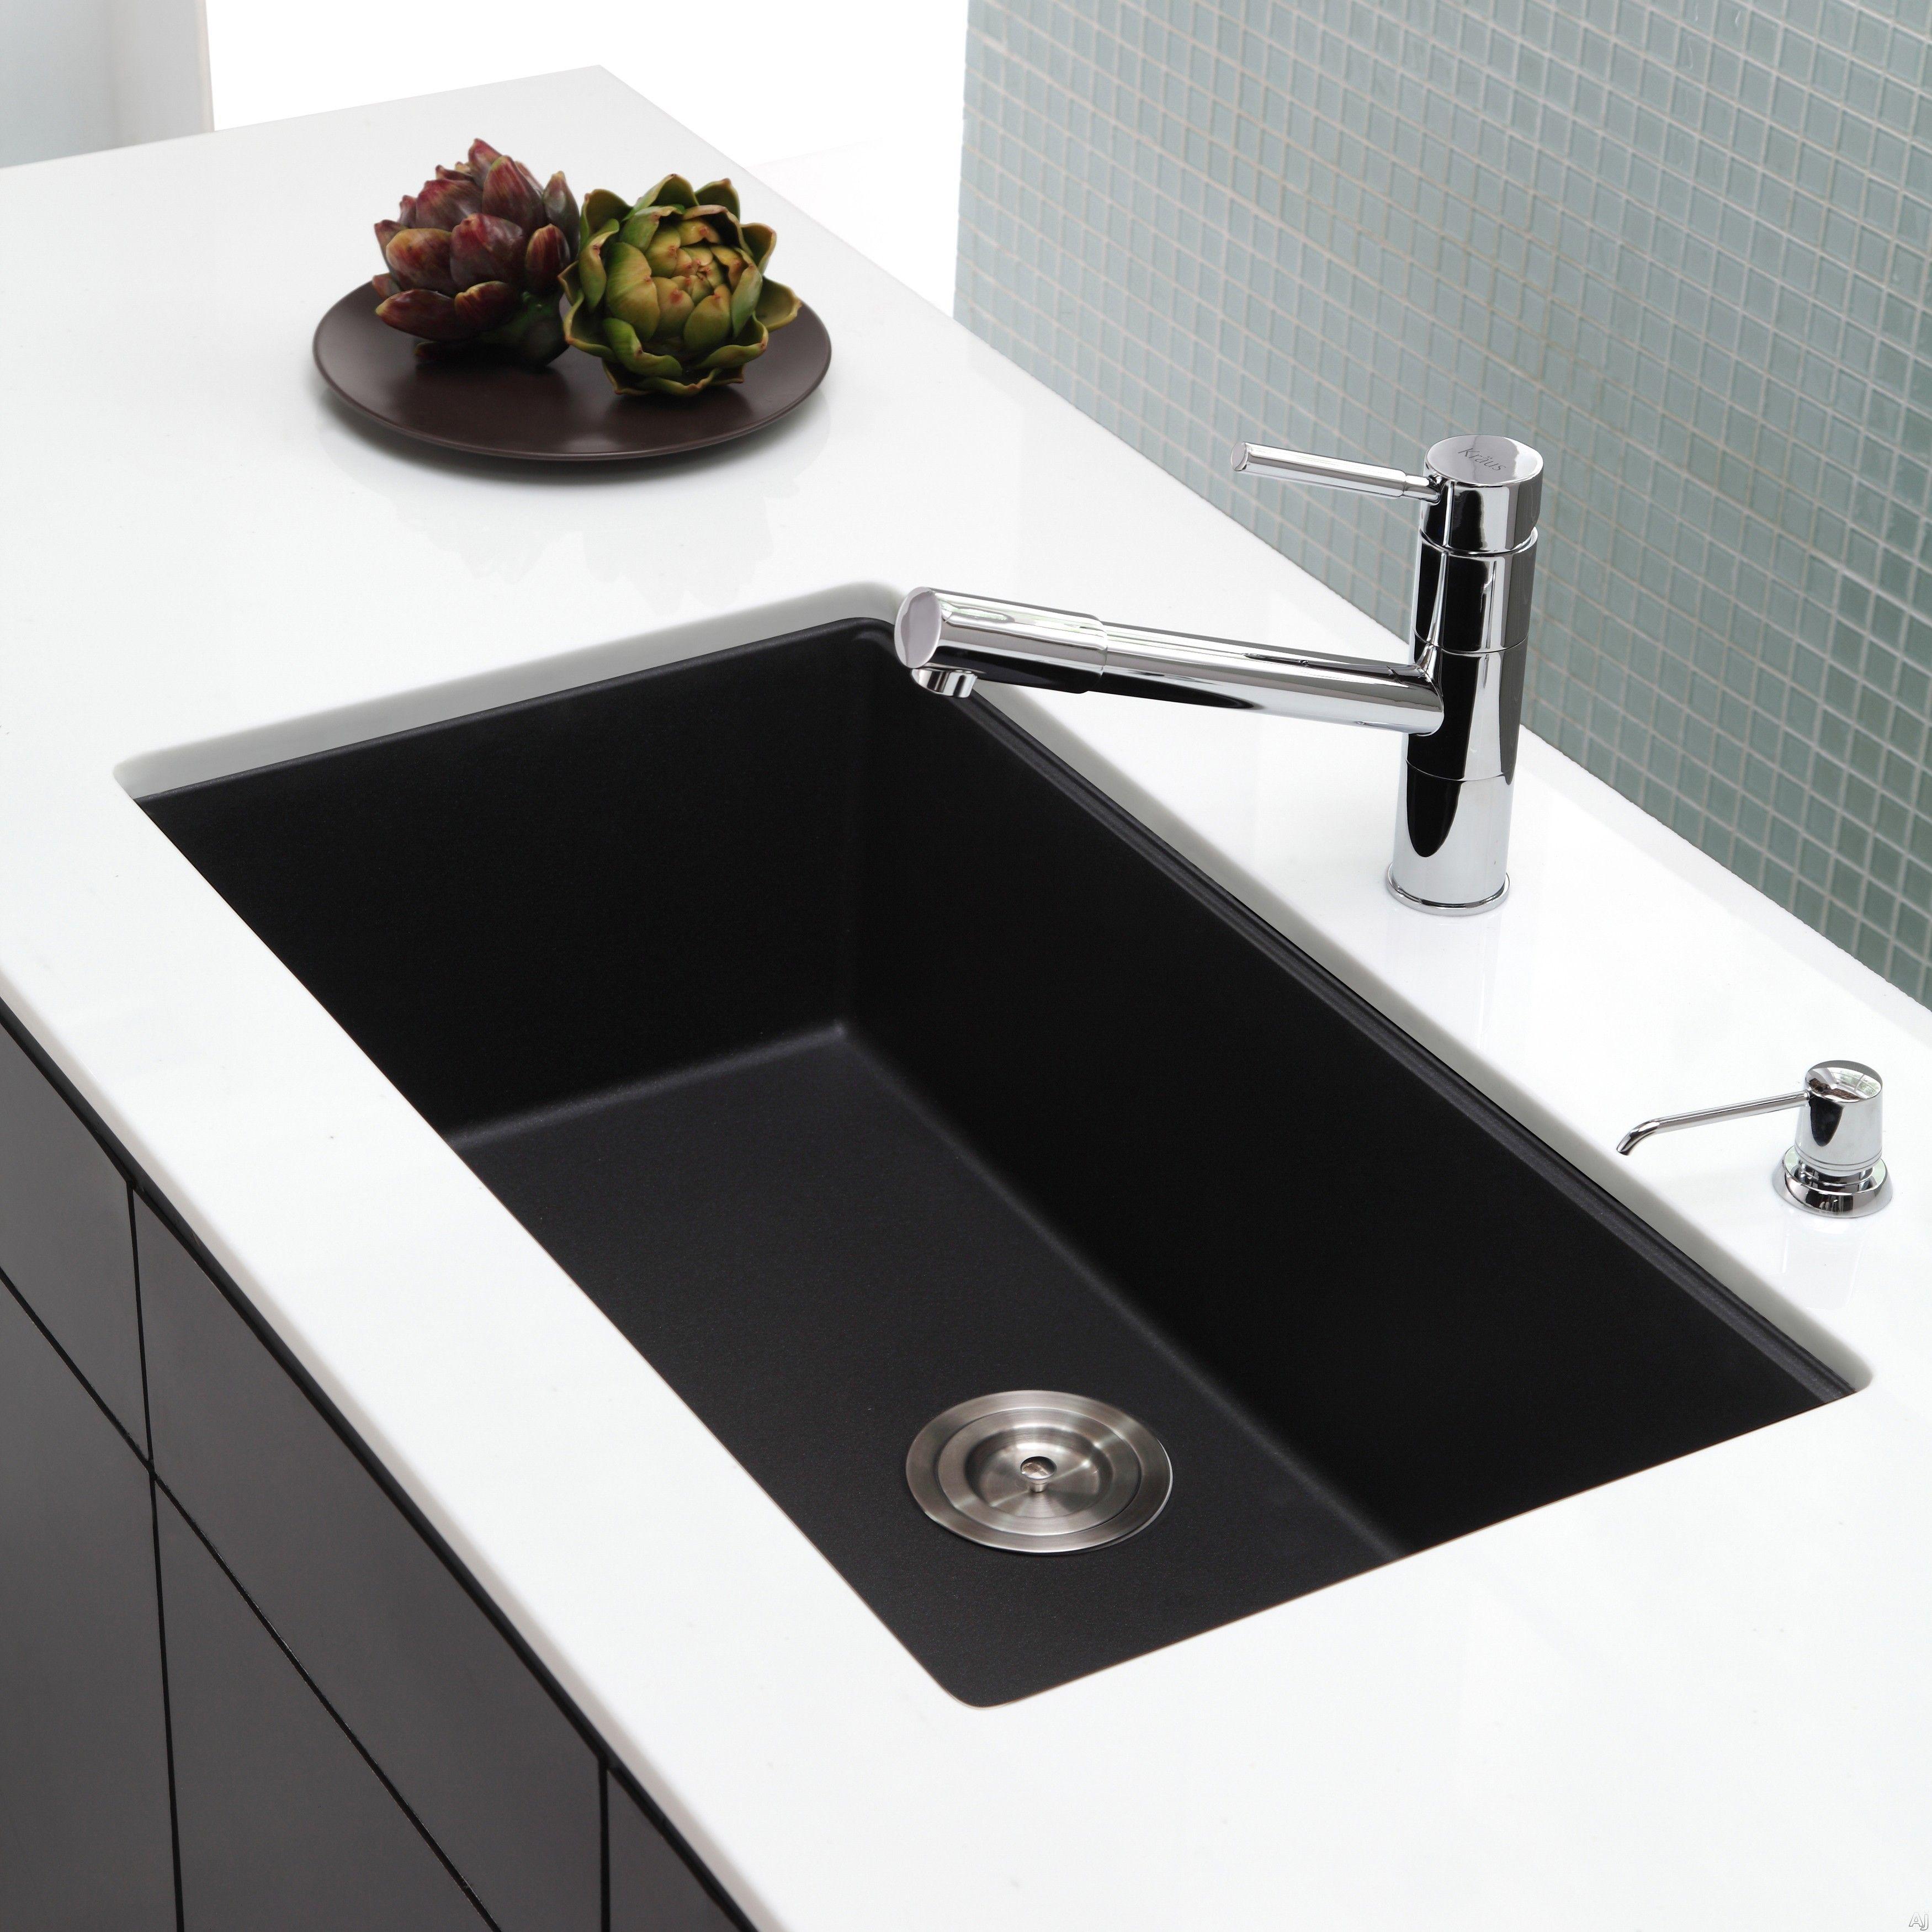 Kraus Kitchen Sink Undermount Sink Black KGU413B Granite